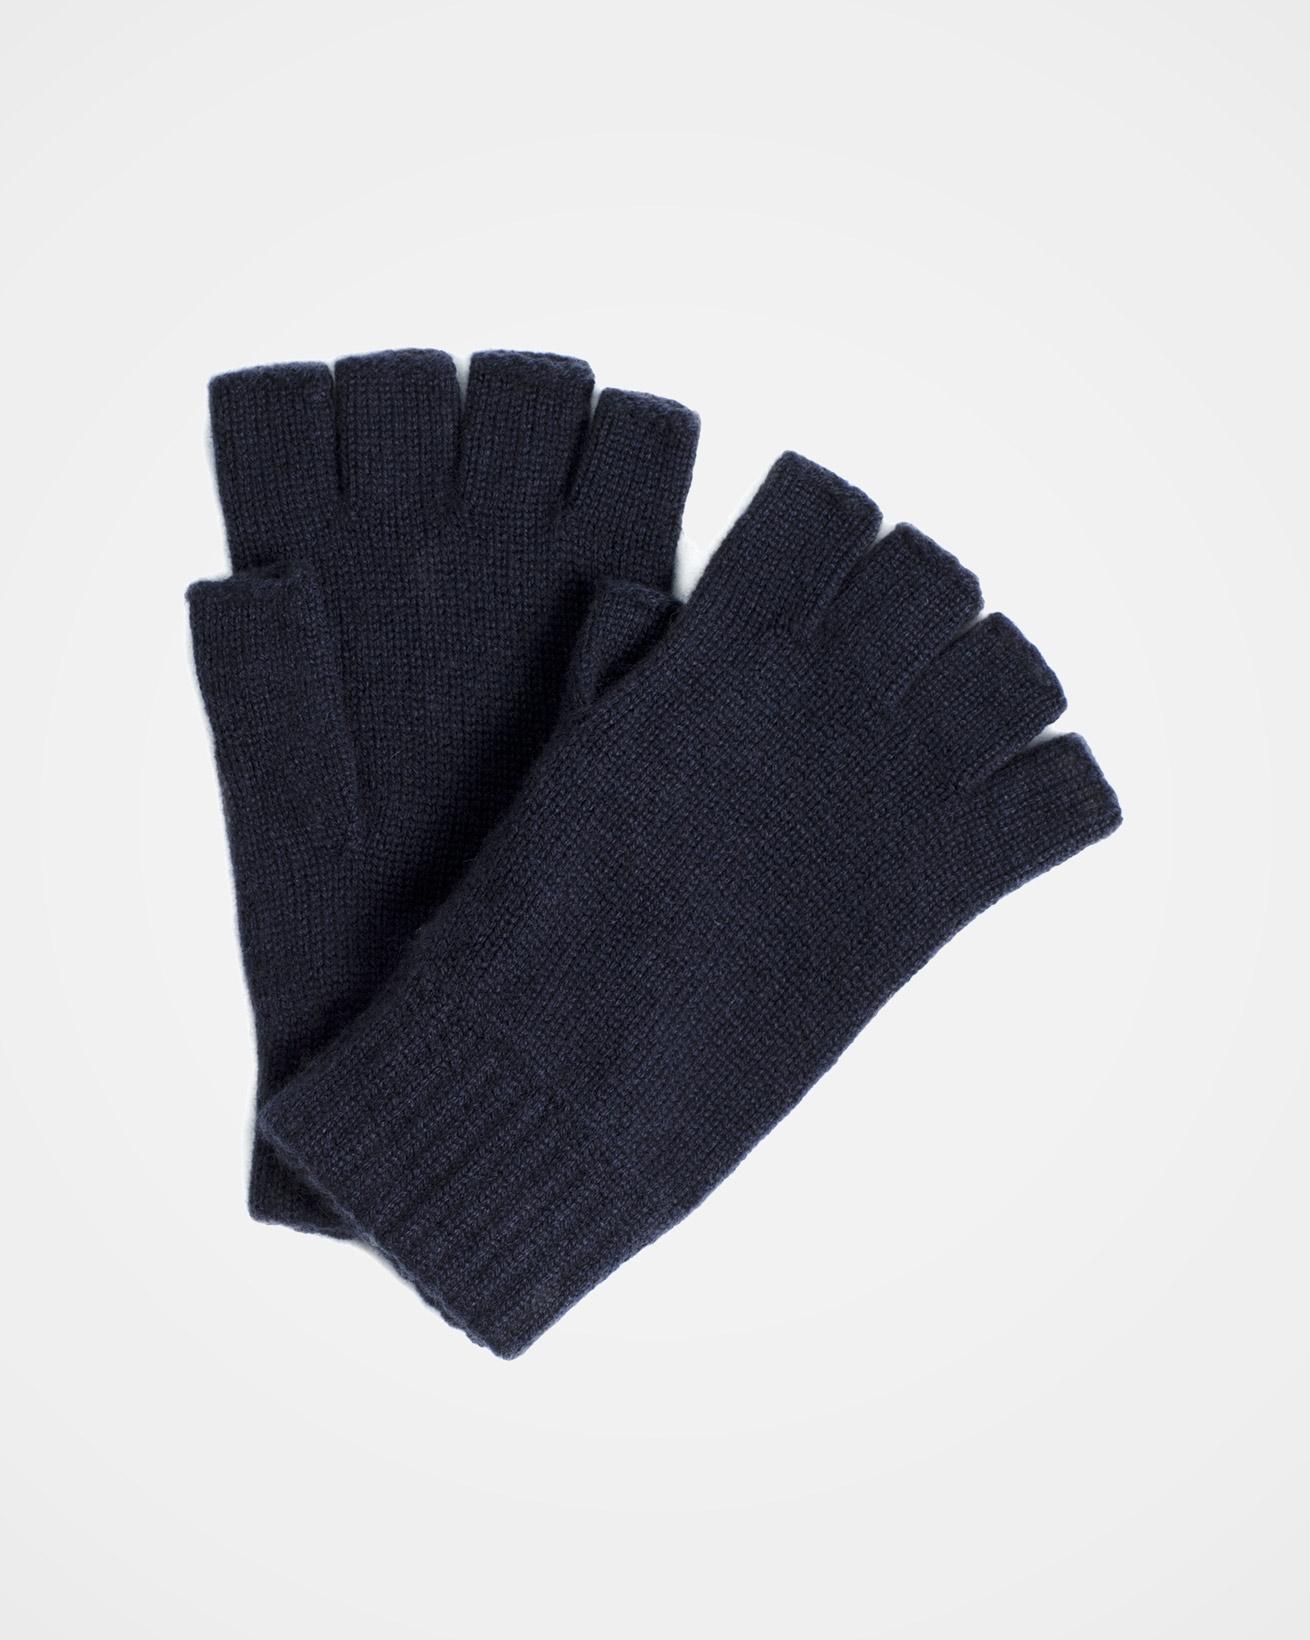 7491_unisex-cashmere-glove-fingerless_dark-navy_web.jpg